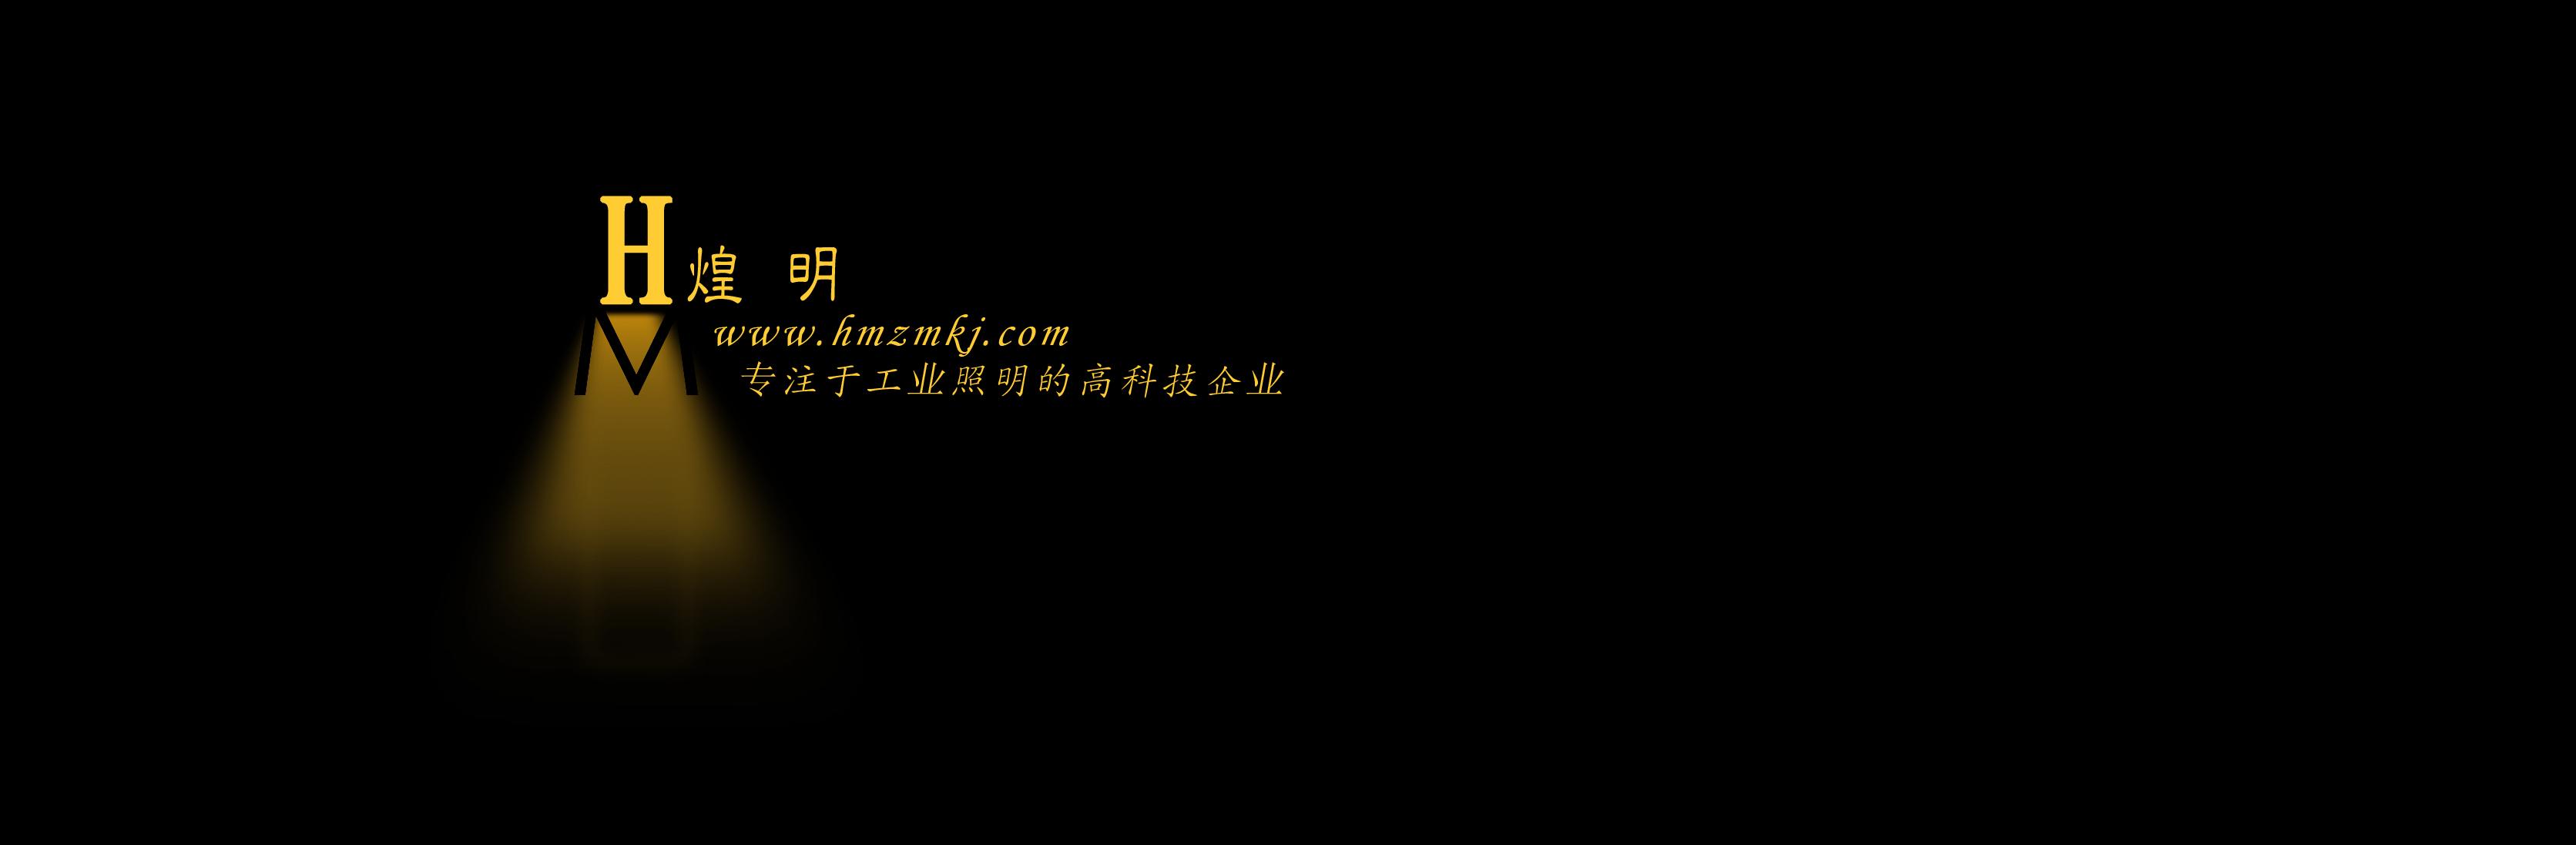 江苏煌明照明科技有限公司